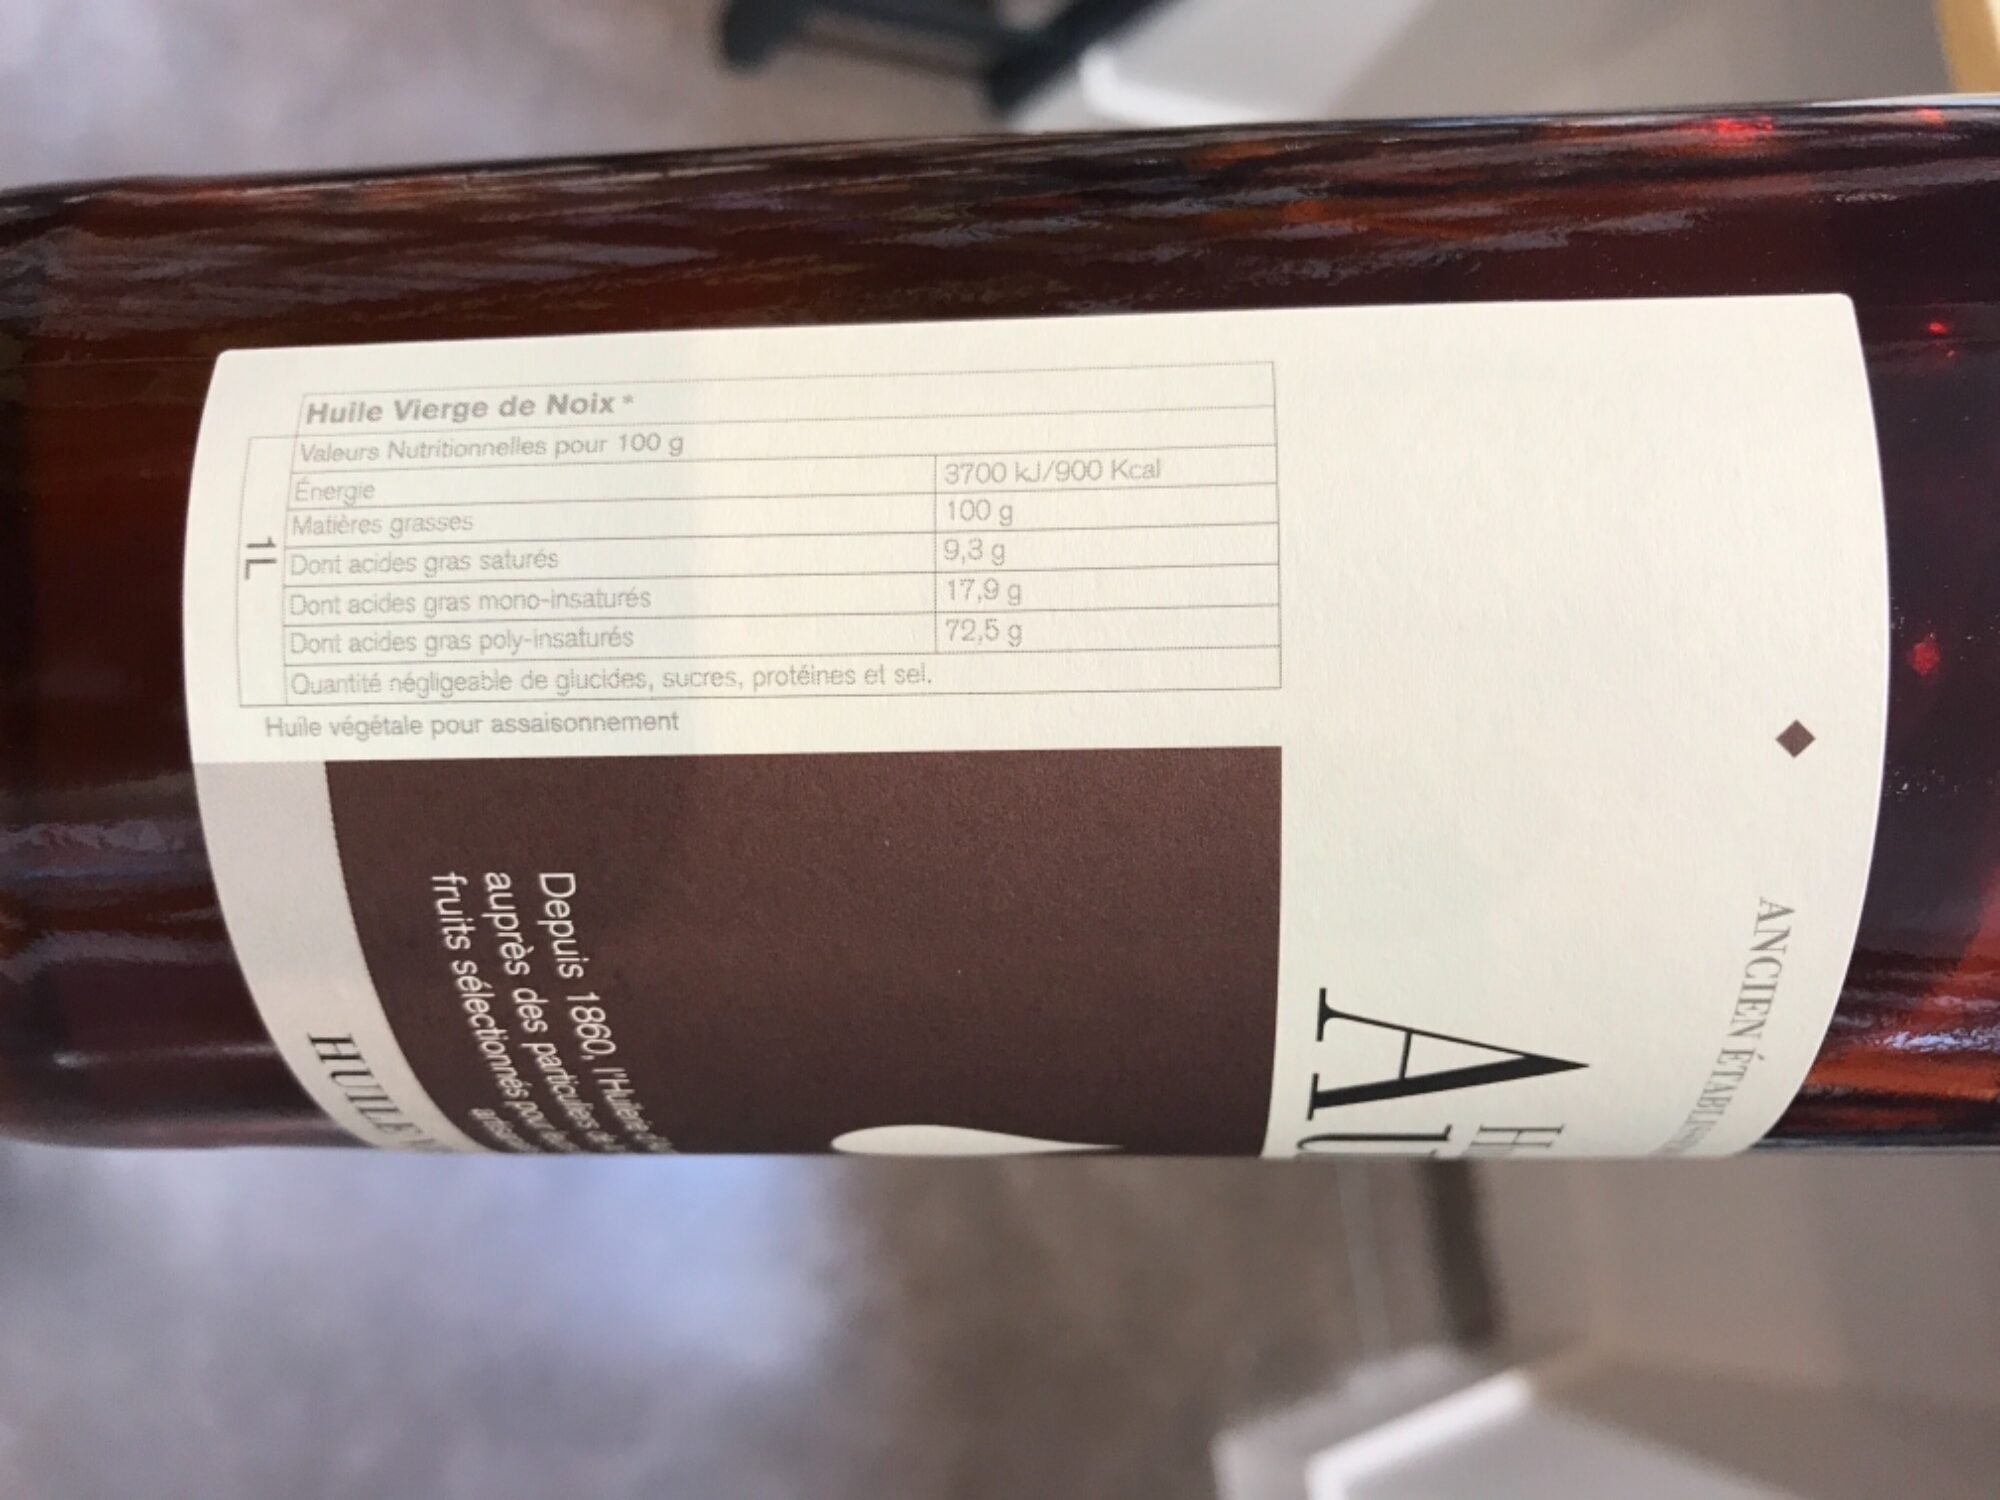 Huile vierge de noix - Ingredients - fr